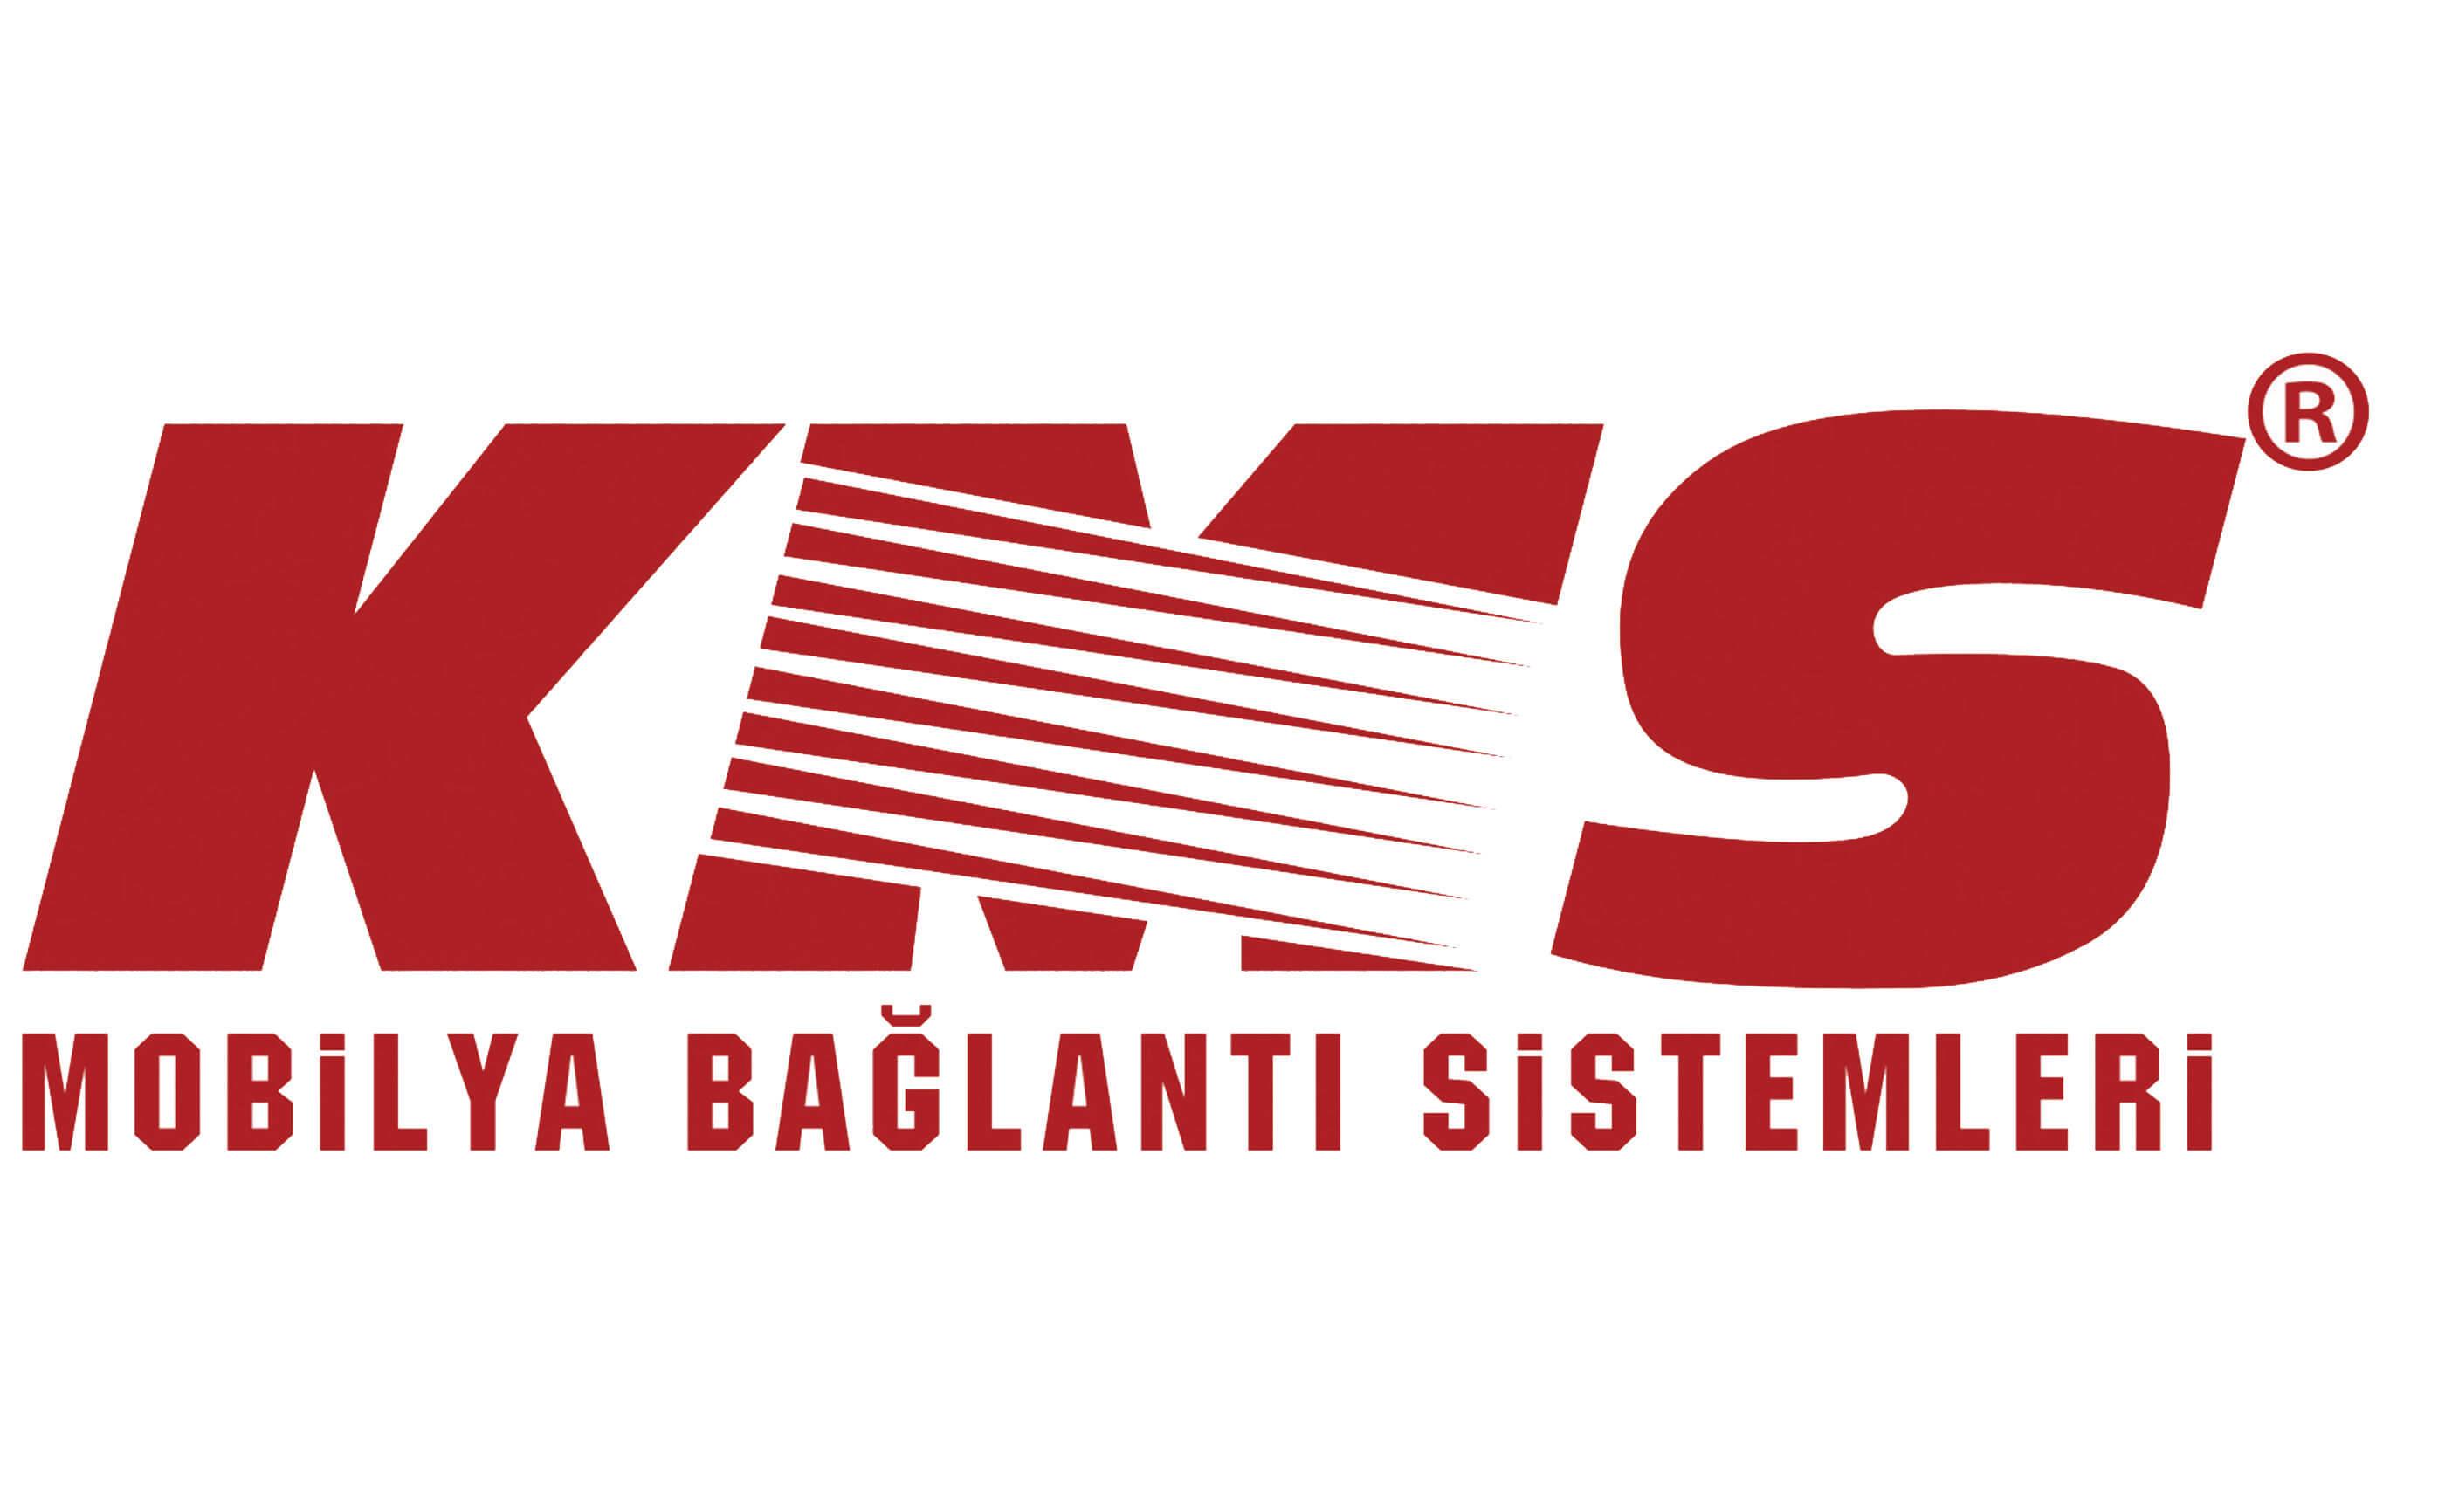 KMS MOBİLYA BAĞLANTI SİS. SAN. VE TİC. LTD. ŞTİ.